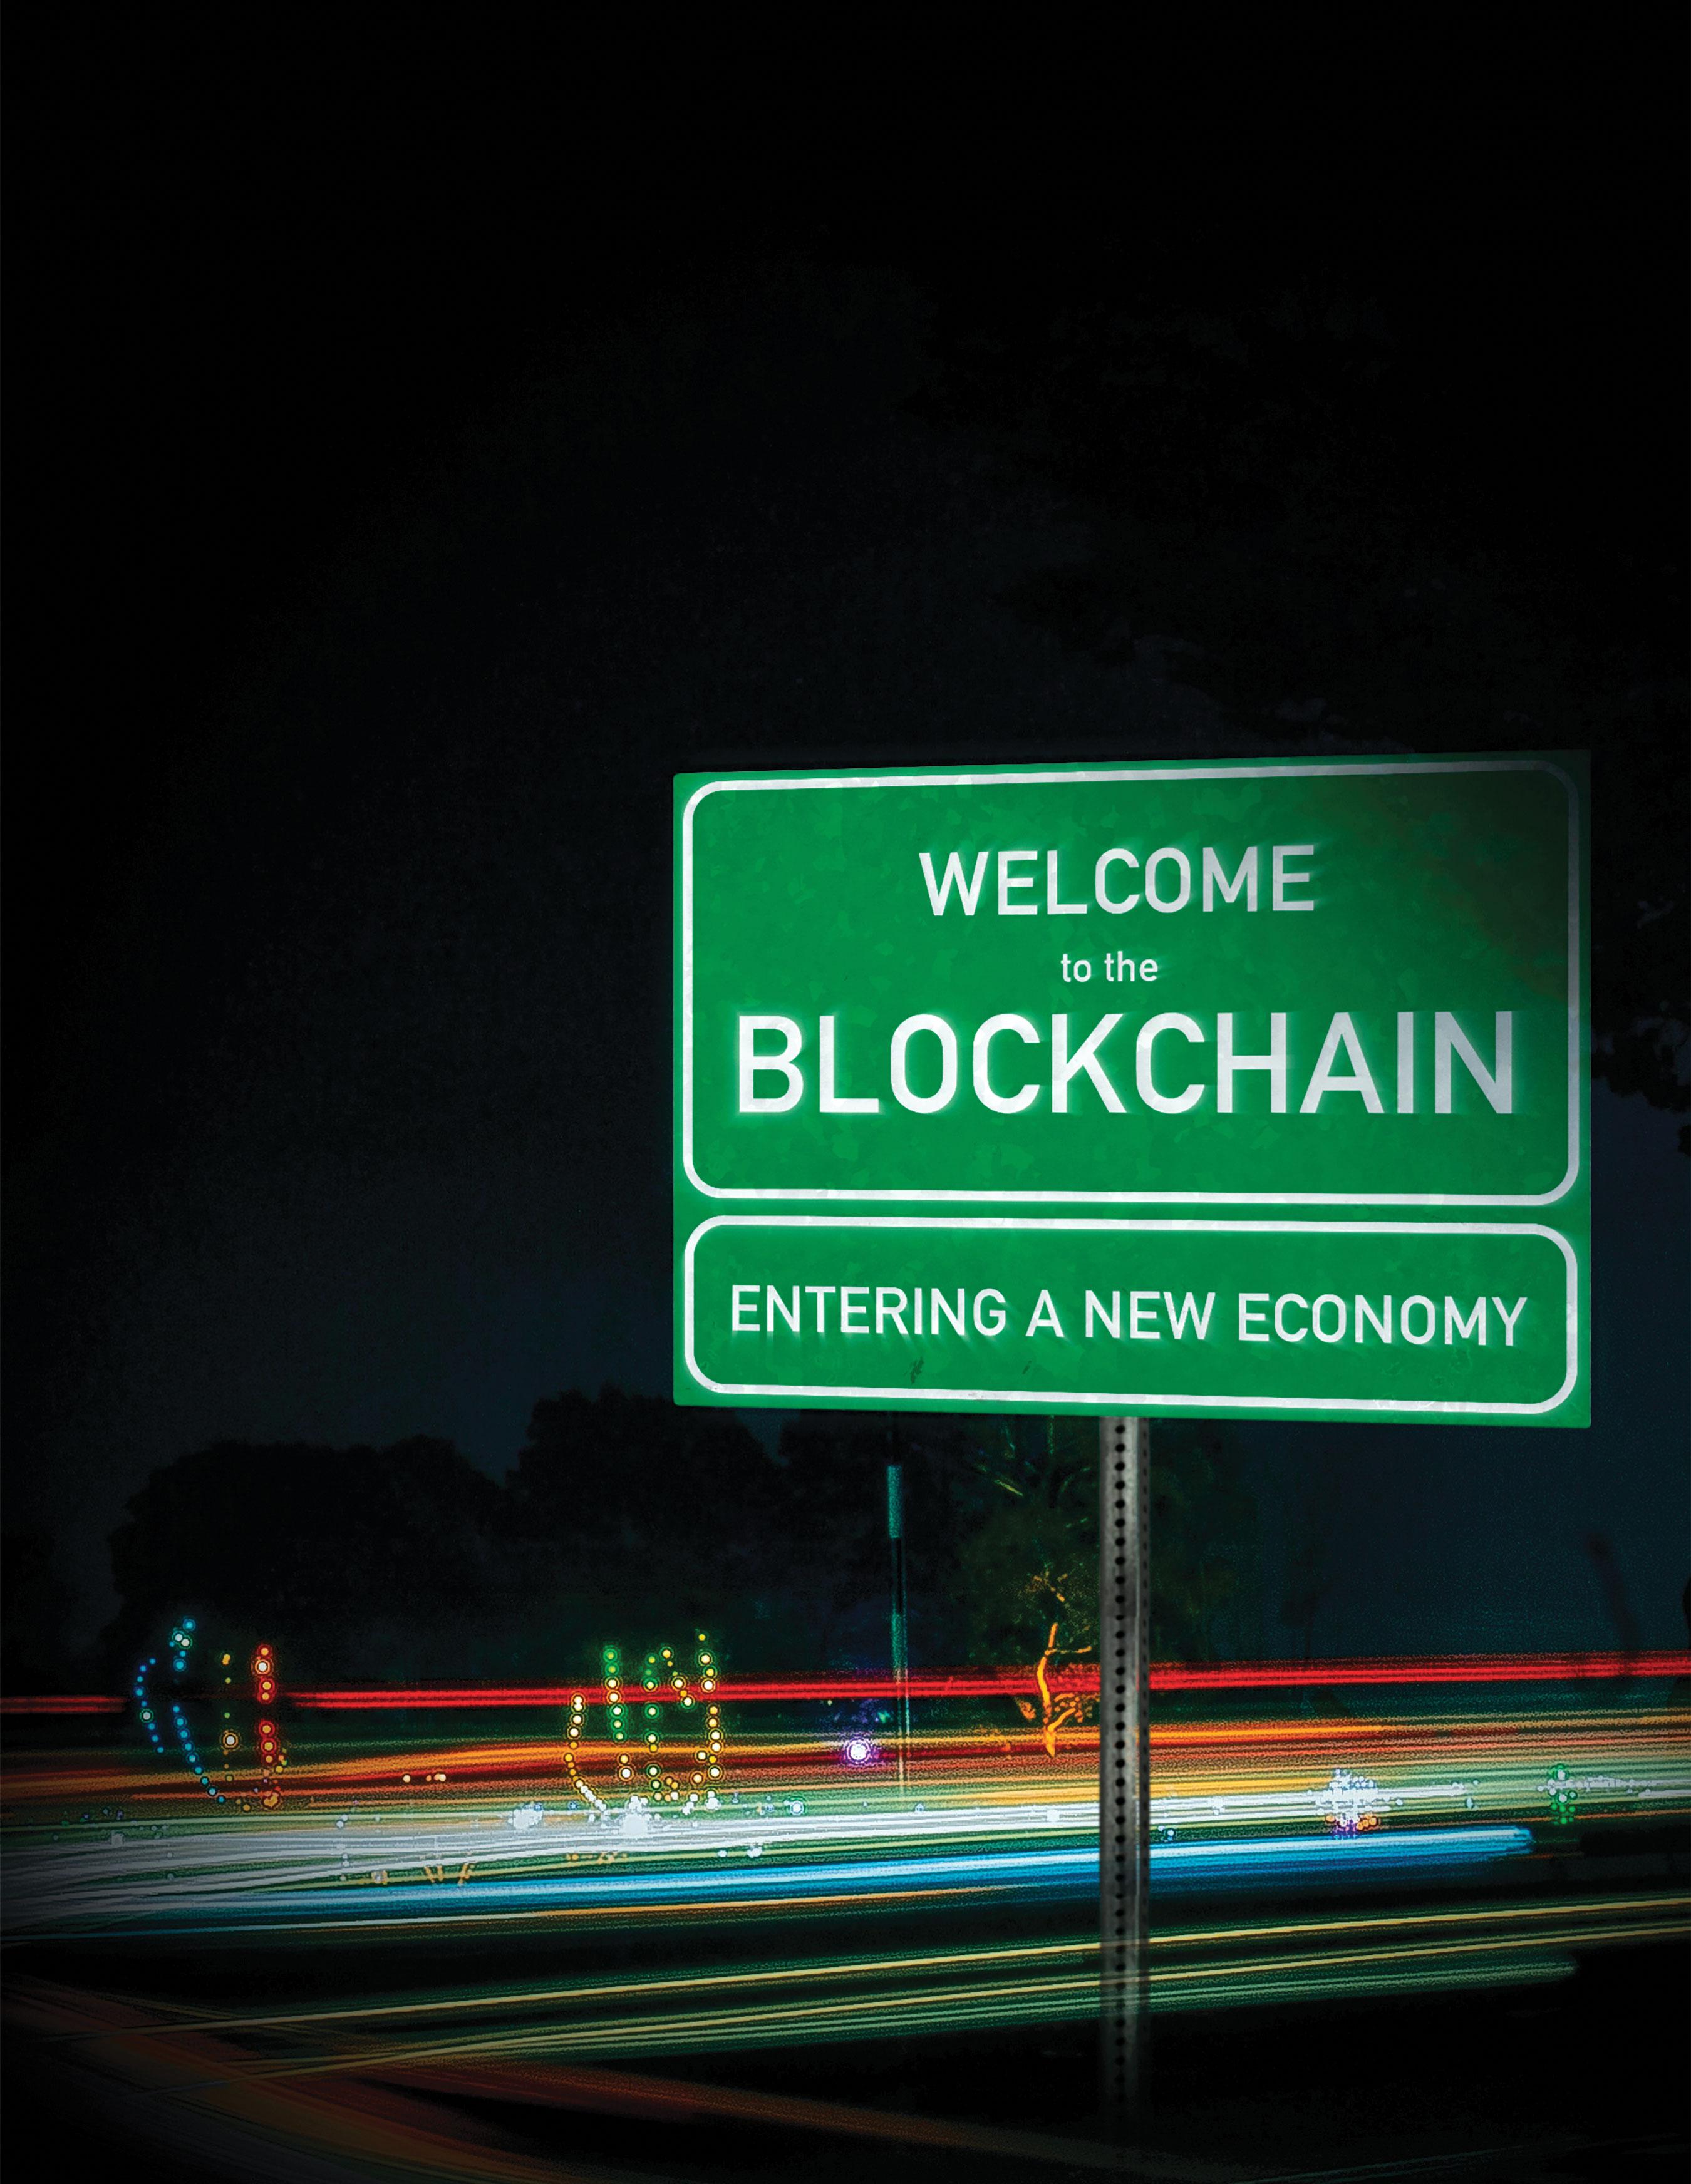 複式簿記以来の革命 ブロックチェーンが作る 新しい「信用」